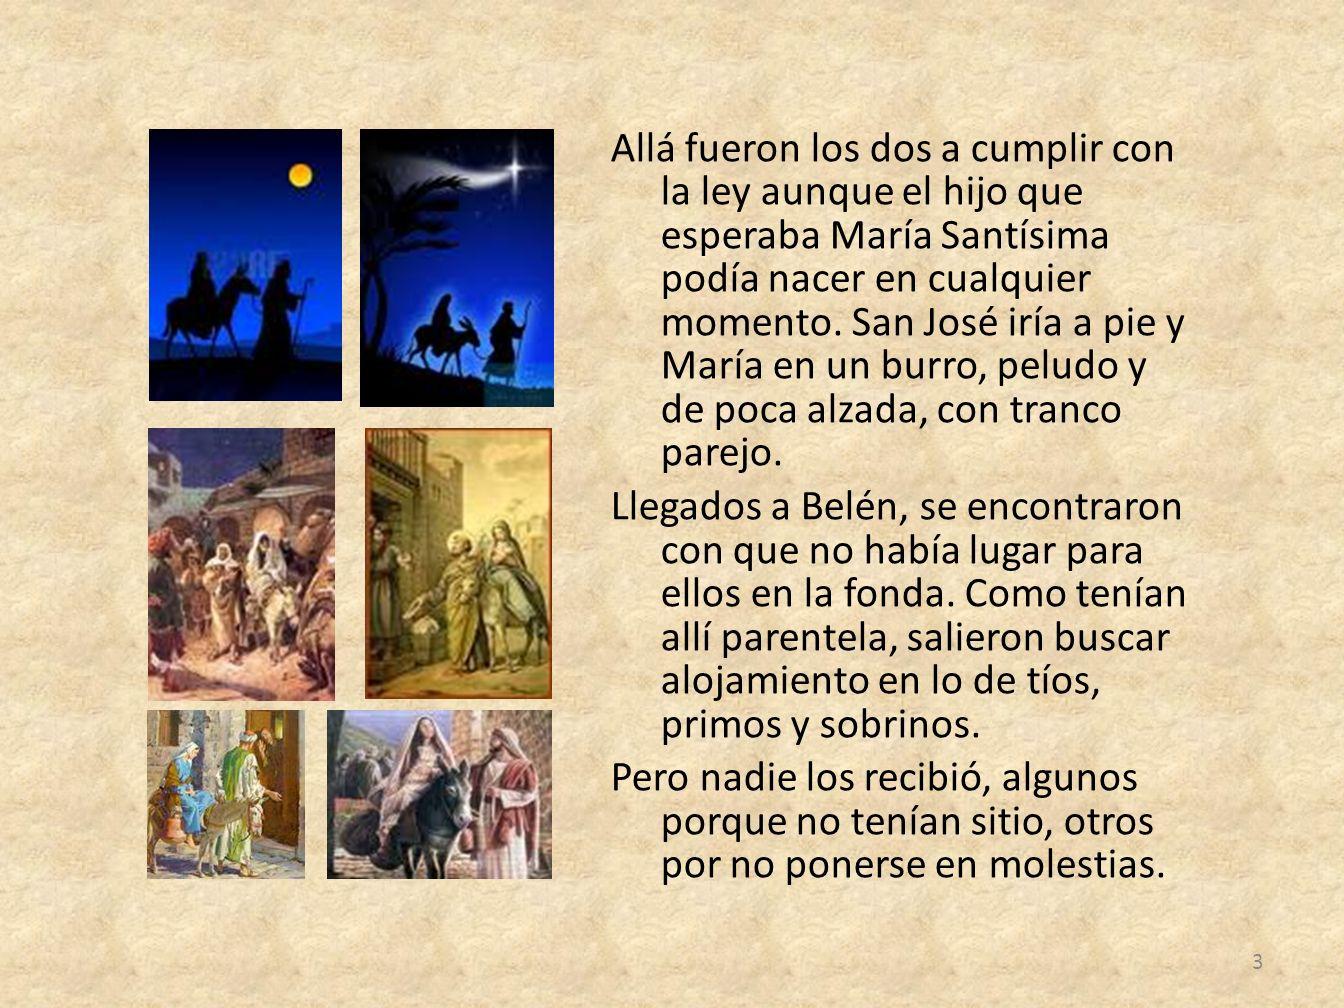 - La Iglesia invoca la venida final del Reino de Dios, mediante el retorno de Cristo en la gloria.